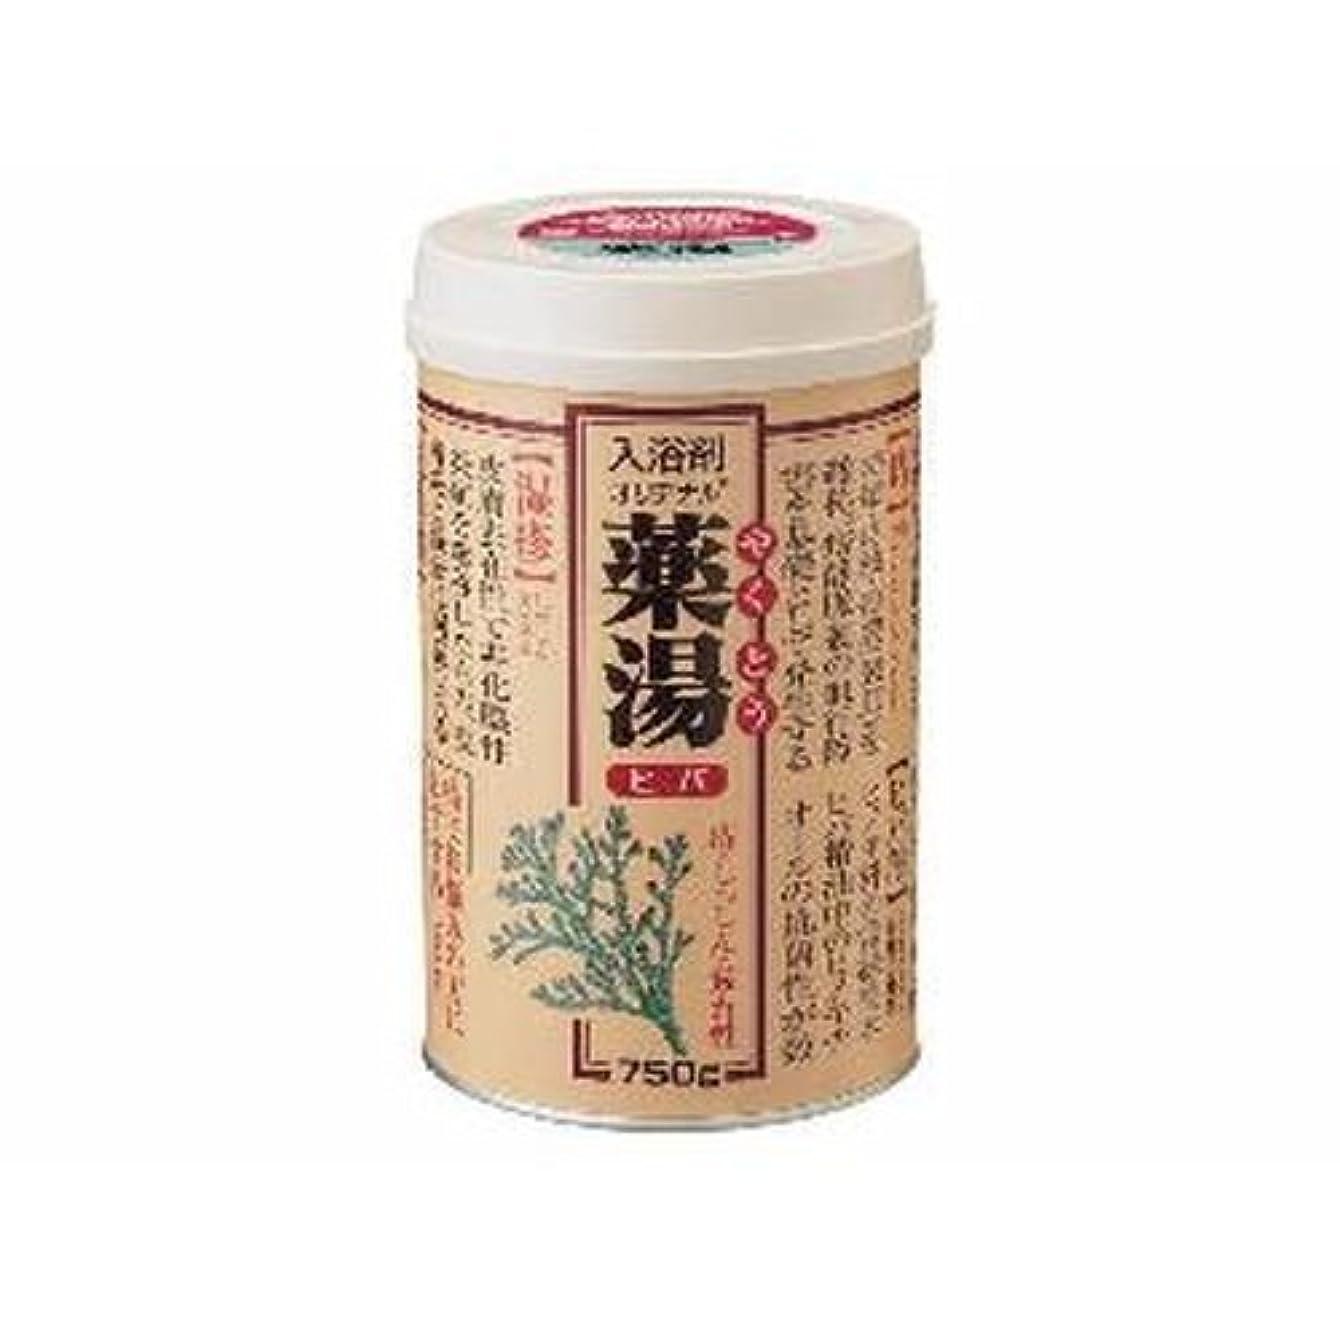 めんどり紳士コマース【まとめ買い】NEWオリヂナル薬湯 ヒバ 750g ×2セット